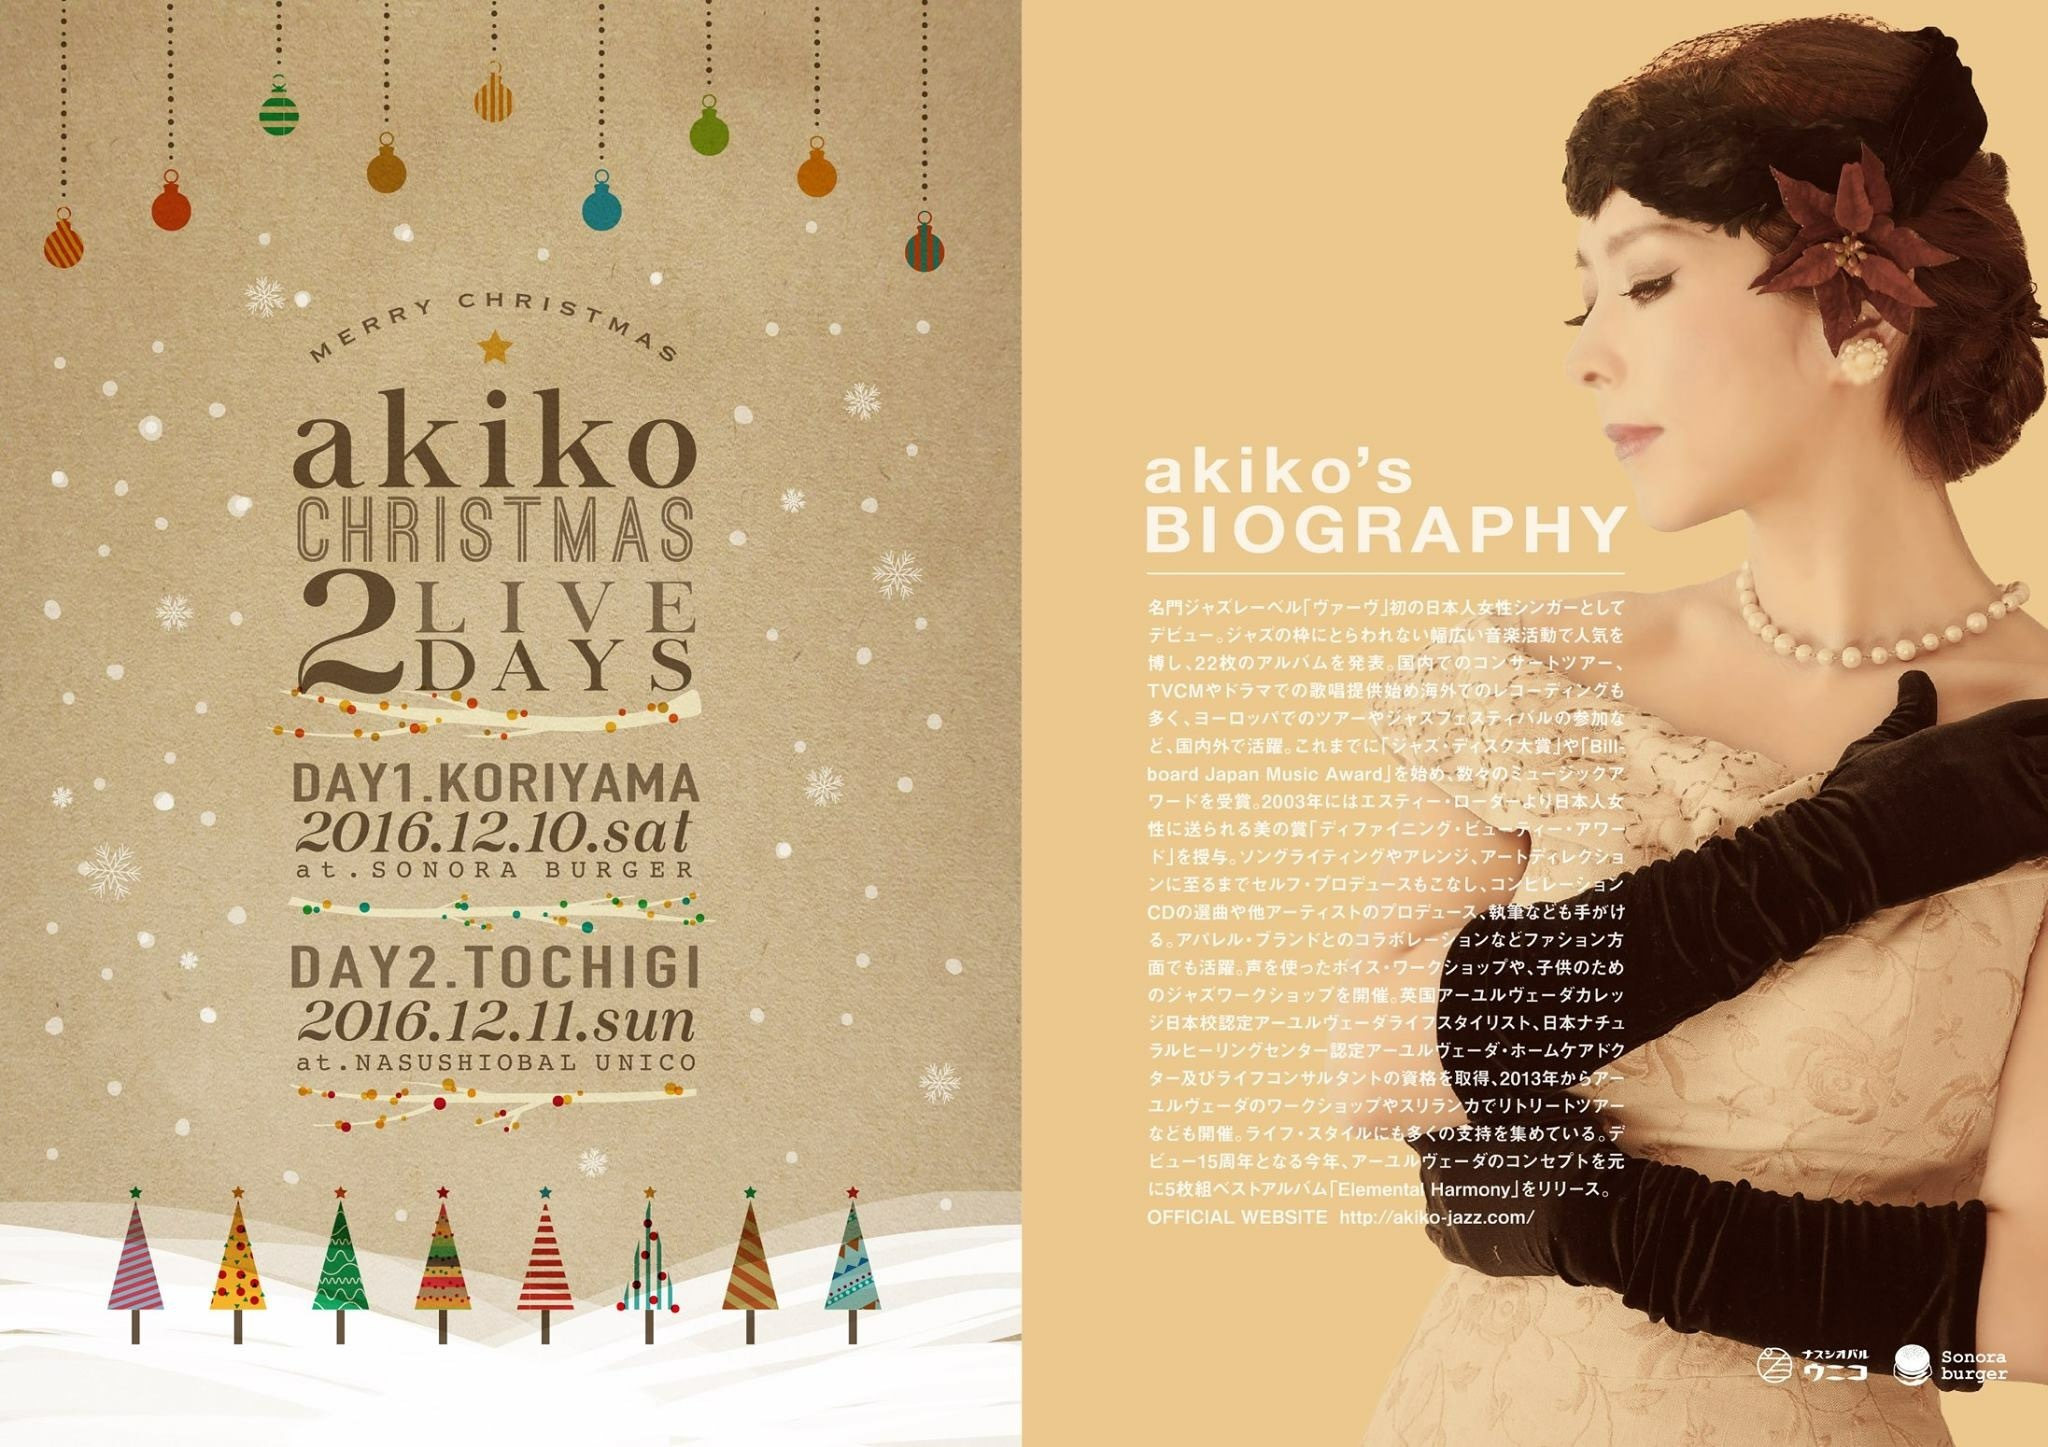 161210 akiko Christmas Live 2days